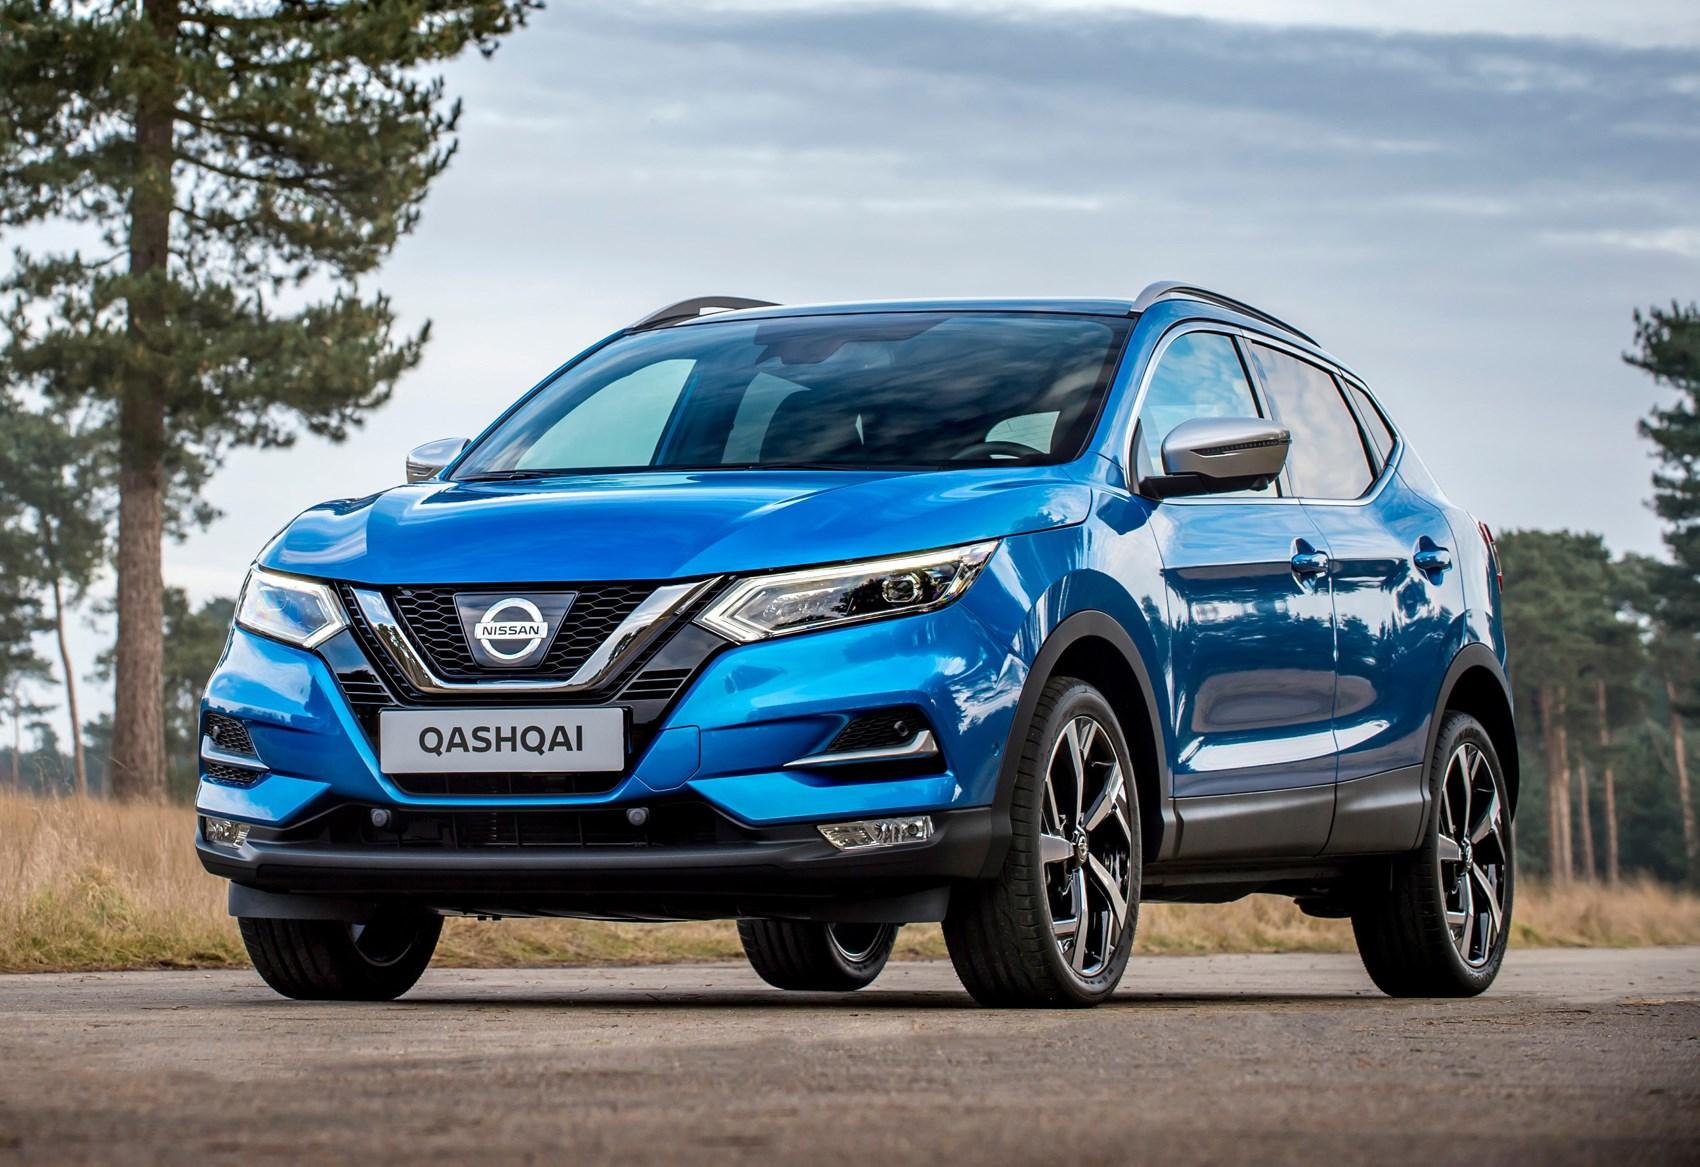 Nissan Qashqai lease deal